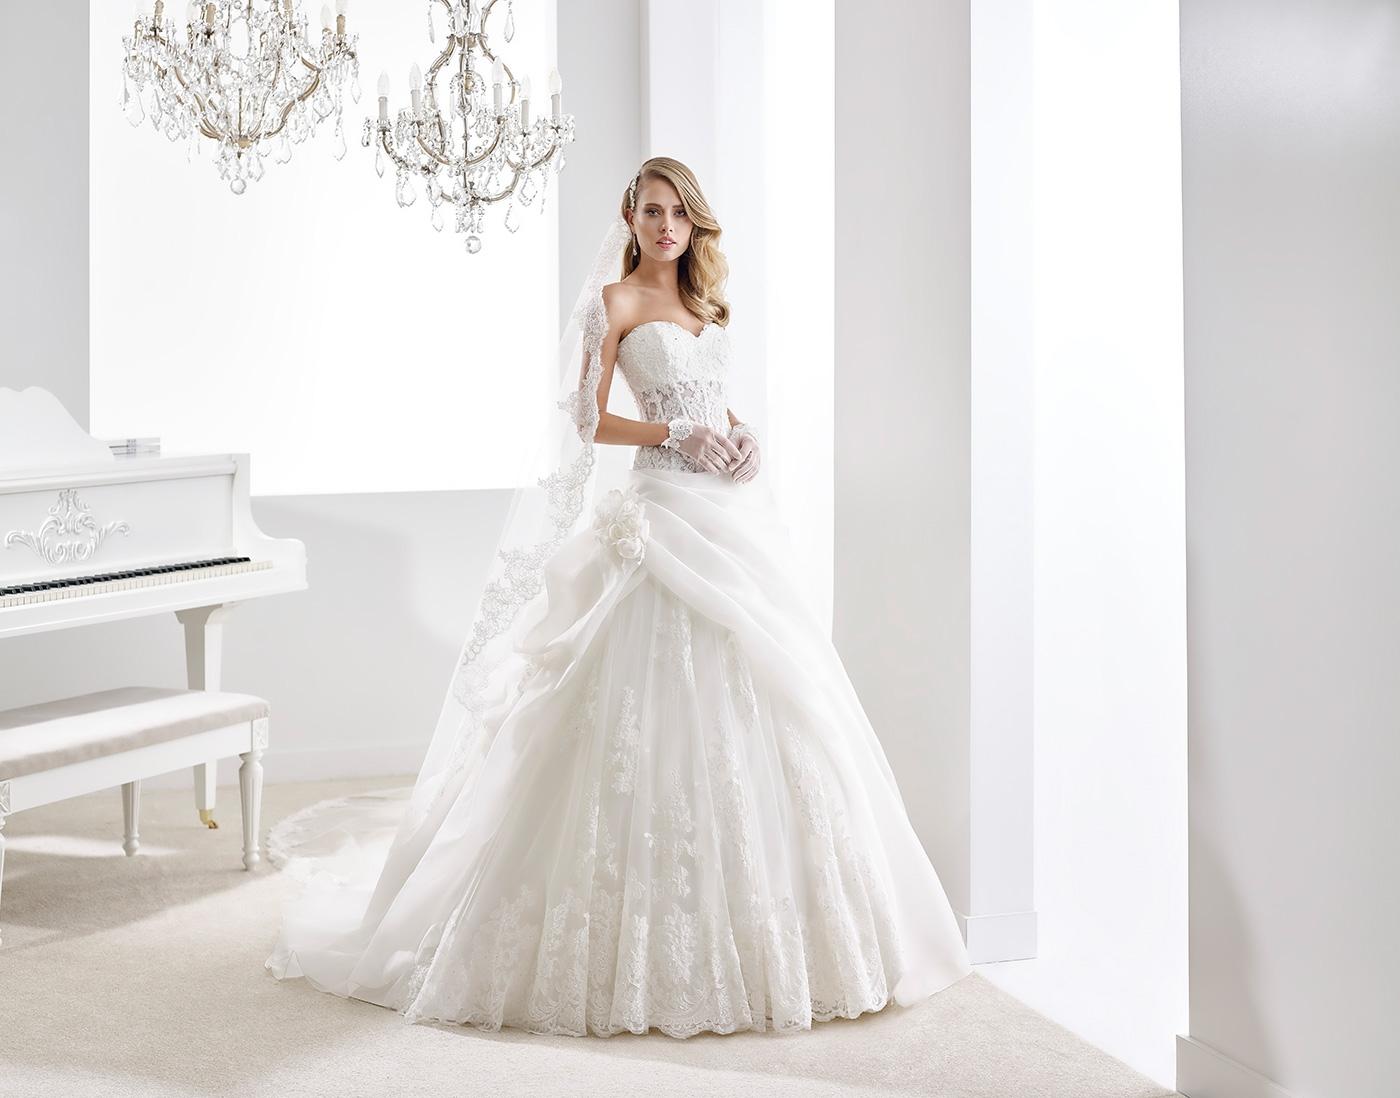 Abiti sposa jolie